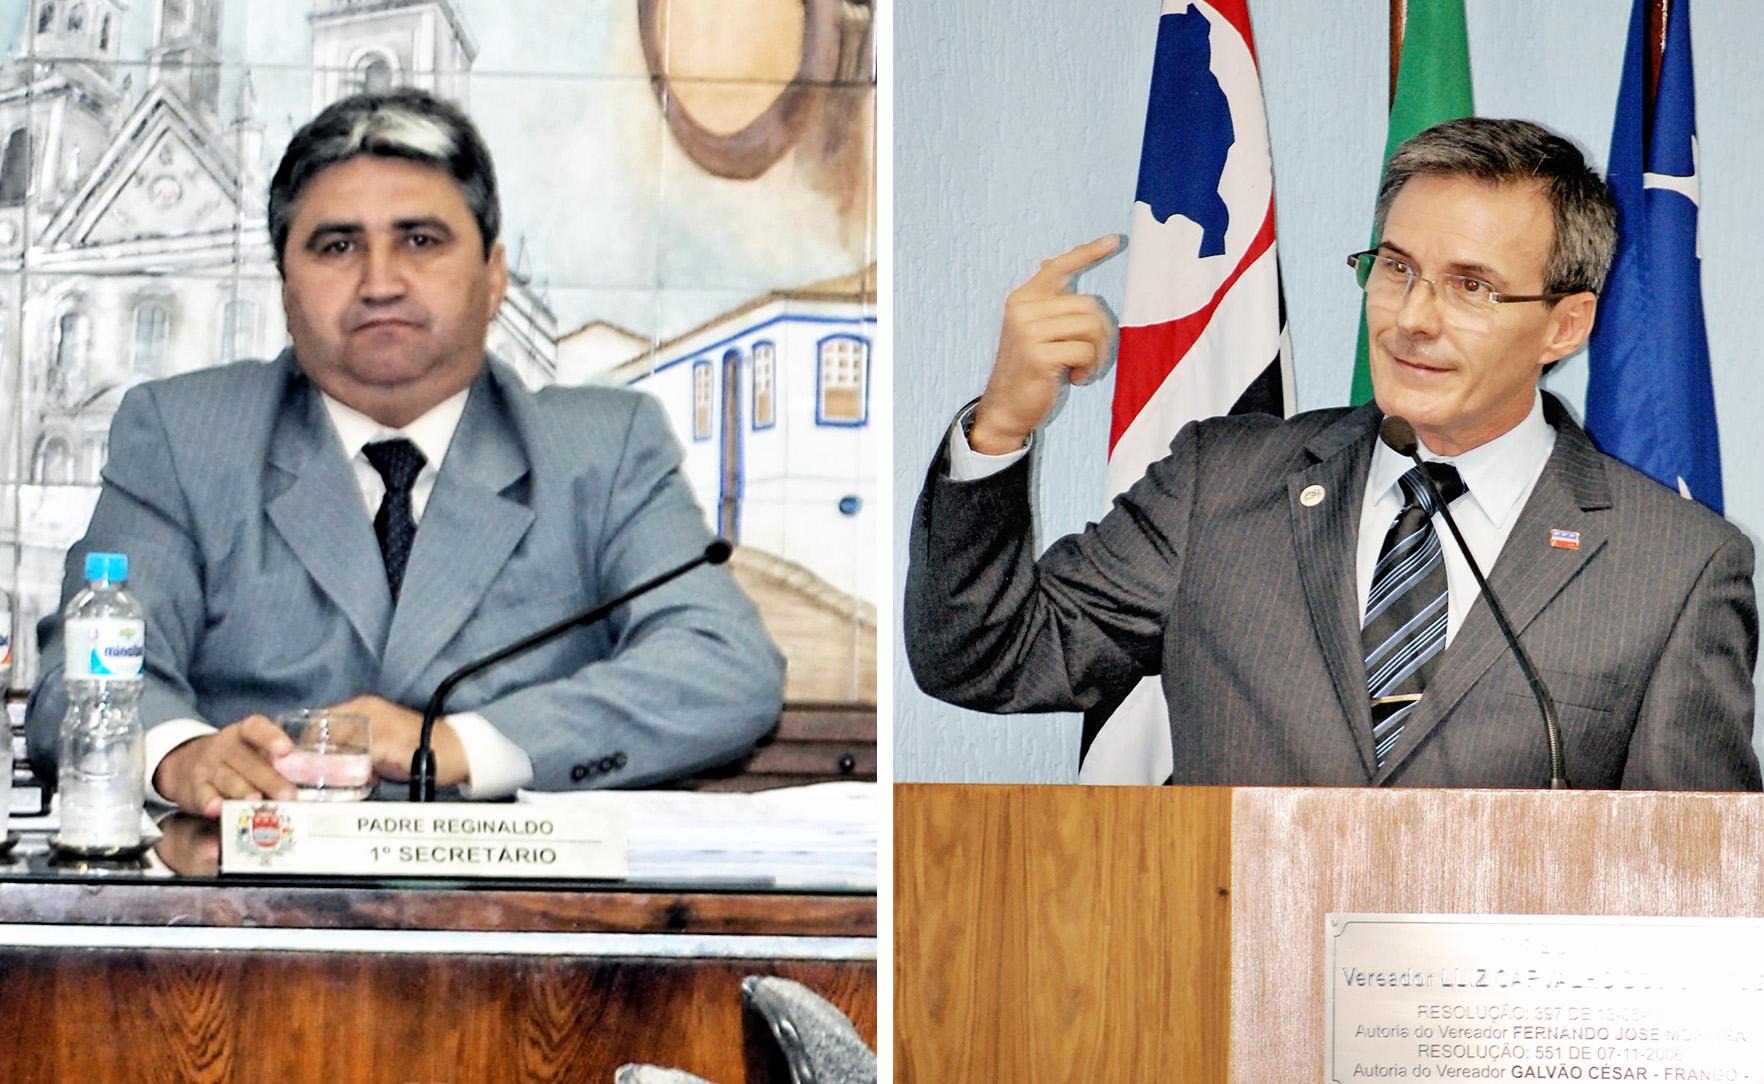 Padre Reginaldo e Soliva; após comissão aliviar fiscalização, oposicionista cobra contratos da saúde (Fotos: Arquivo Atos)